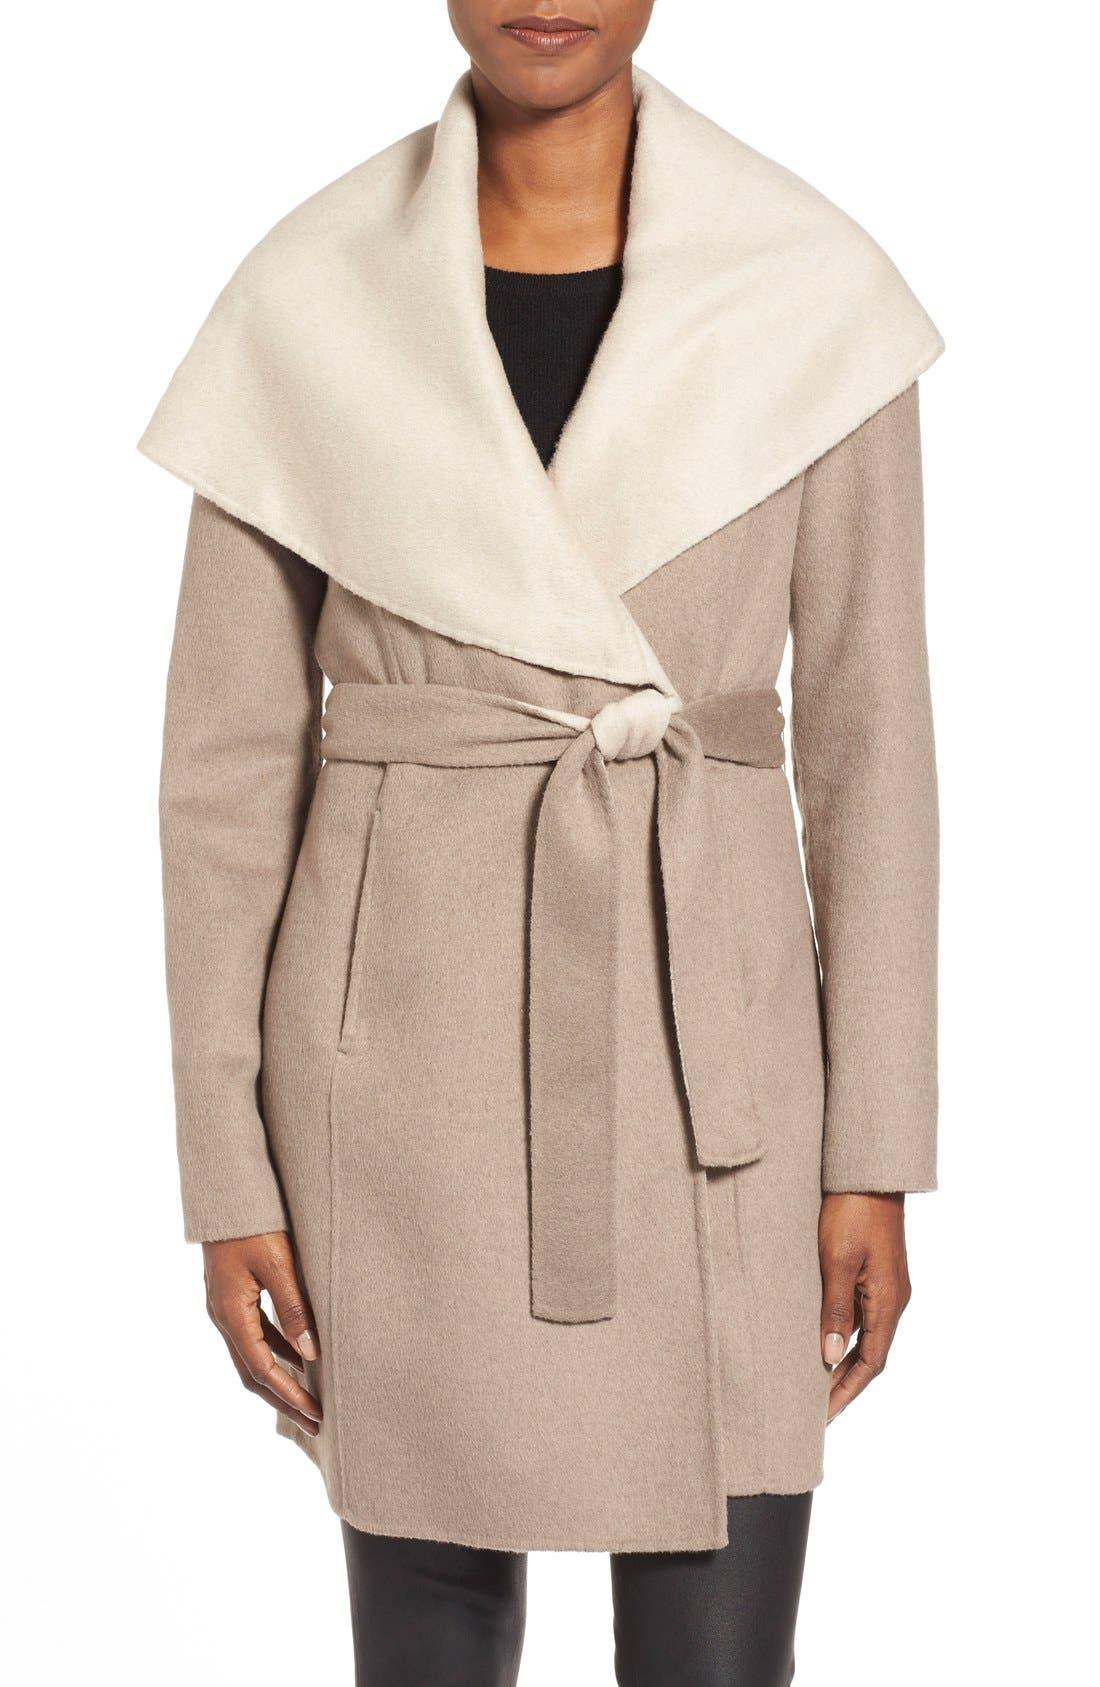 Alternate Image 1 Selected - ElieTahari'Mala' Hooded Wool BlendWrap Coat